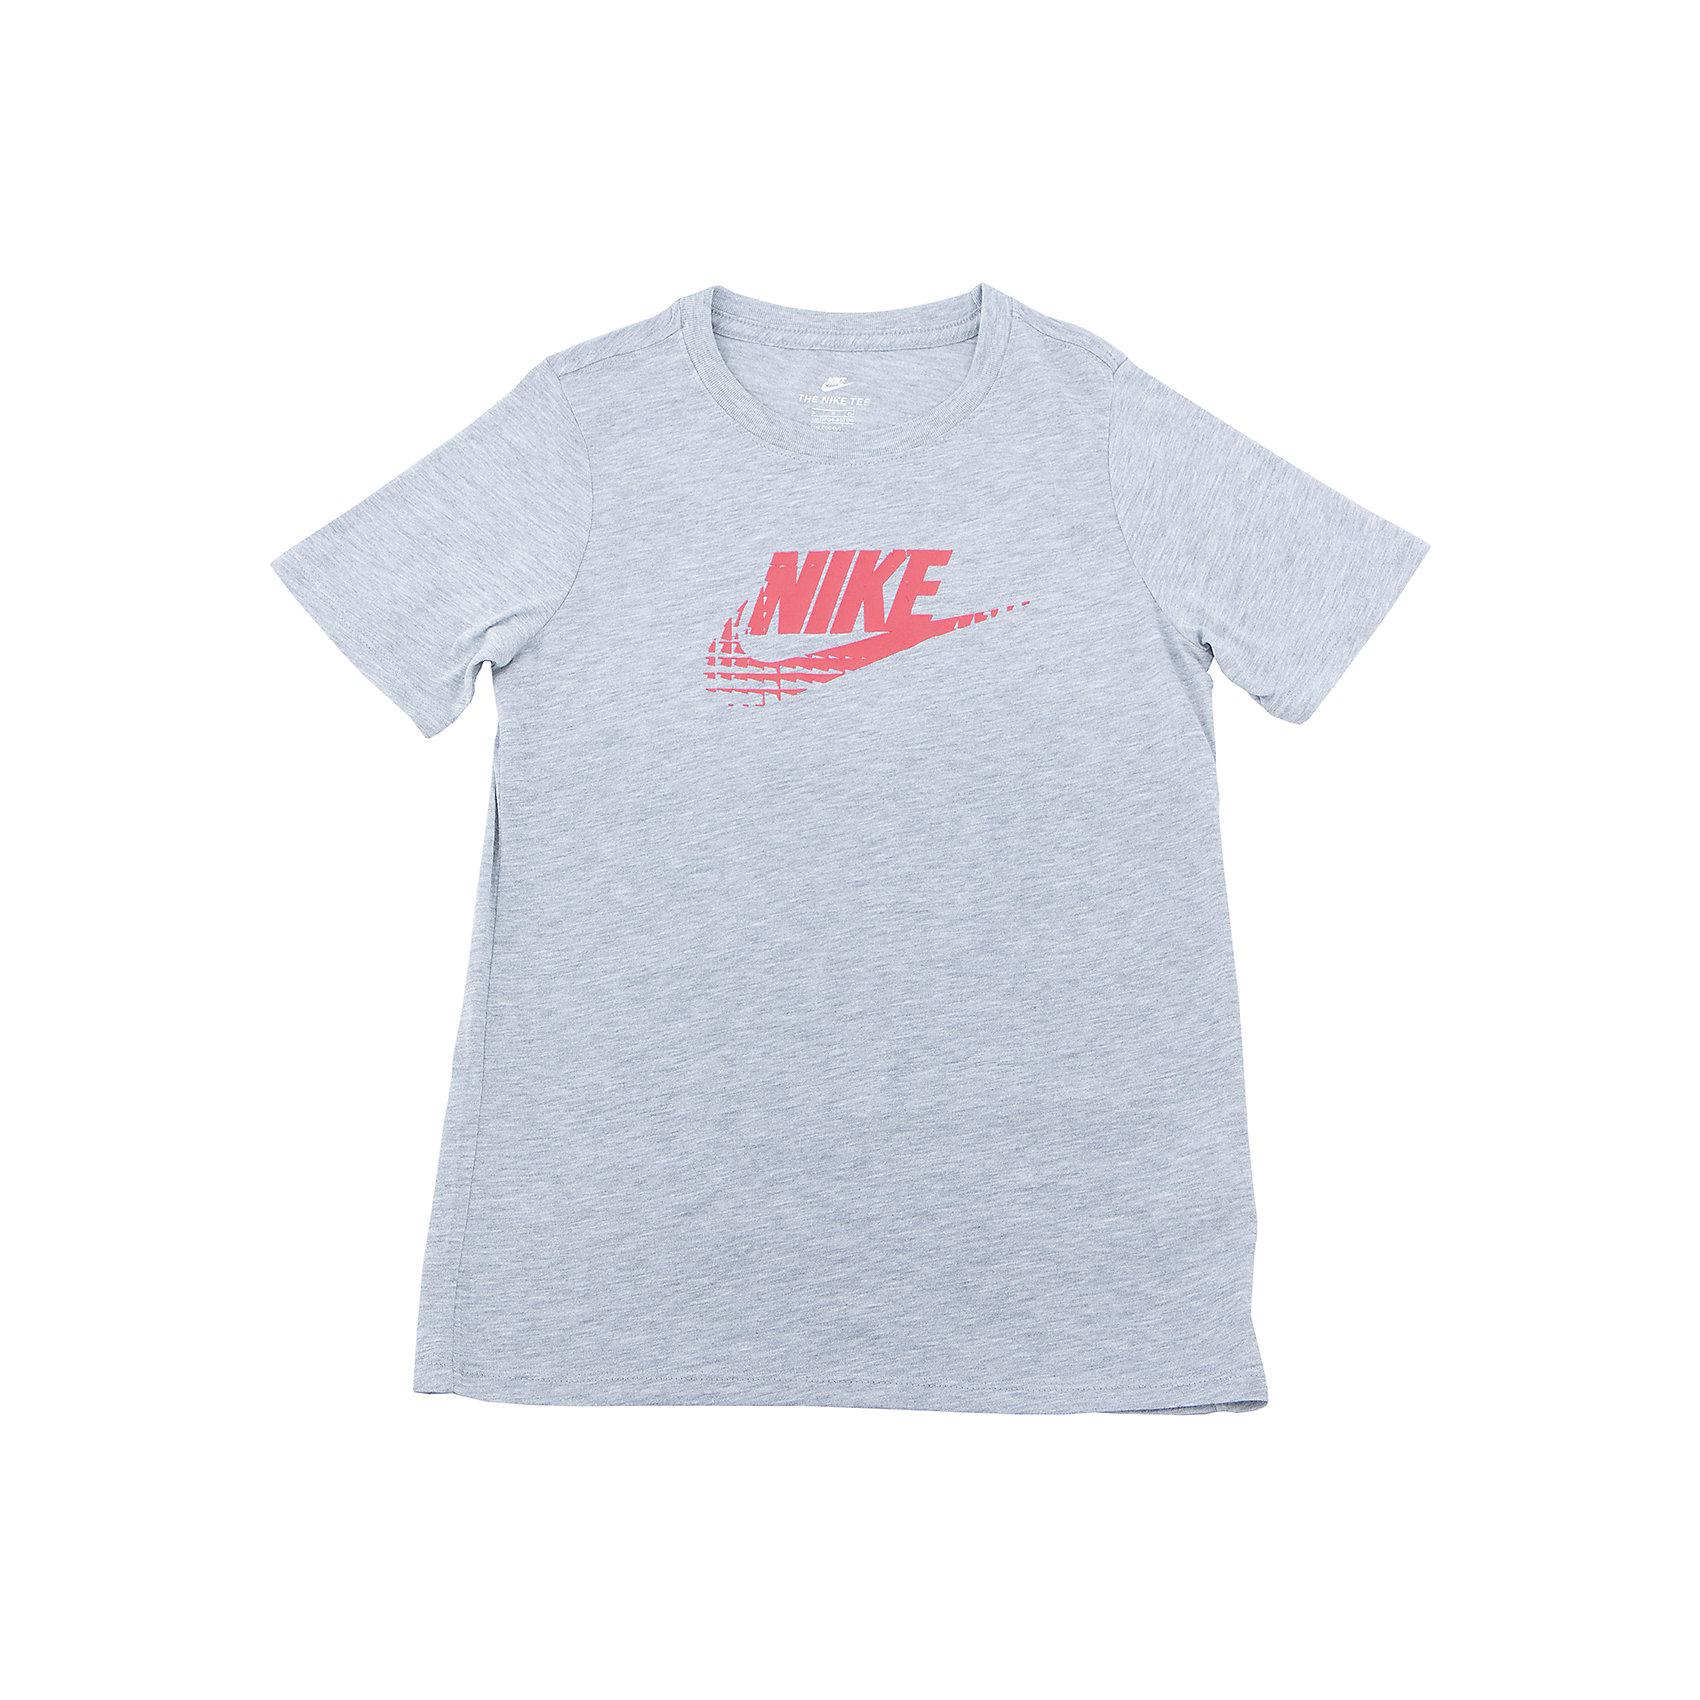 Футболка NIKEСпортивная форма<br>Характеристики товара:<br><br>• цвет: серый<br>• состав ткани: 50% полиэстер, 25% вискоза, 25% хлопок<br>• сезон: лето<br>• особенности модели: спортивный стиль<br>• короткие рукава<br>• страна бренда: США<br>• страна изготовитель: Турция<br><br>Серая спортивная футболка Nike декорирована логотипом на груди. Стильная футболка от Nike может быть одеждой для тренировок или дополнять наряд в спортивном стиле. Такая детская футболка сделана из легкого дышащего материала. <br><br>Футболку Nike (Найк) можно купить в нашем интернет-магазине.<br><br>Ширина мм: 199<br>Глубина мм: 10<br>Высота мм: 161<br>Вес г: 151<br>Цвет: серый<br>Возраст от месяцев: 96<br>Возраст до месяцев: 108<br>Пол: Унисекс<br>Возраст: Детский<br>Размер: 128/134,122/128,158/170,147/158,135/140<br>SKU: 6921214